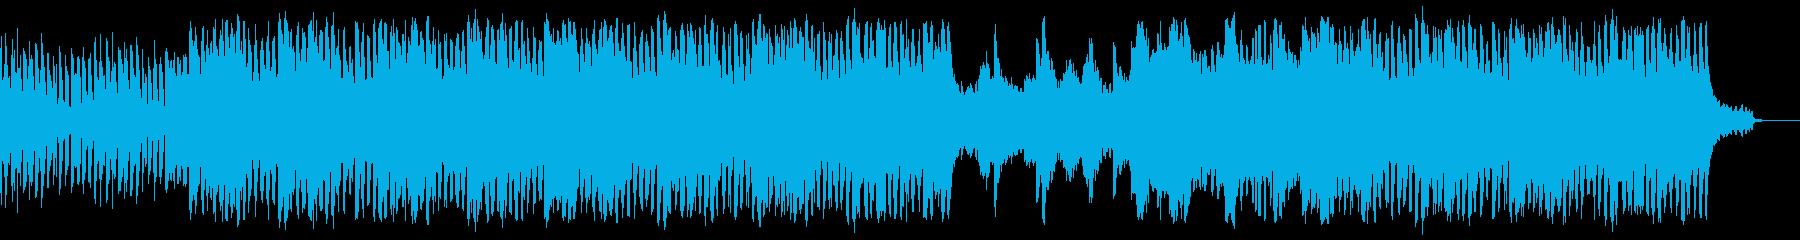 クールな雰囲気のテクノの再生済みの波形